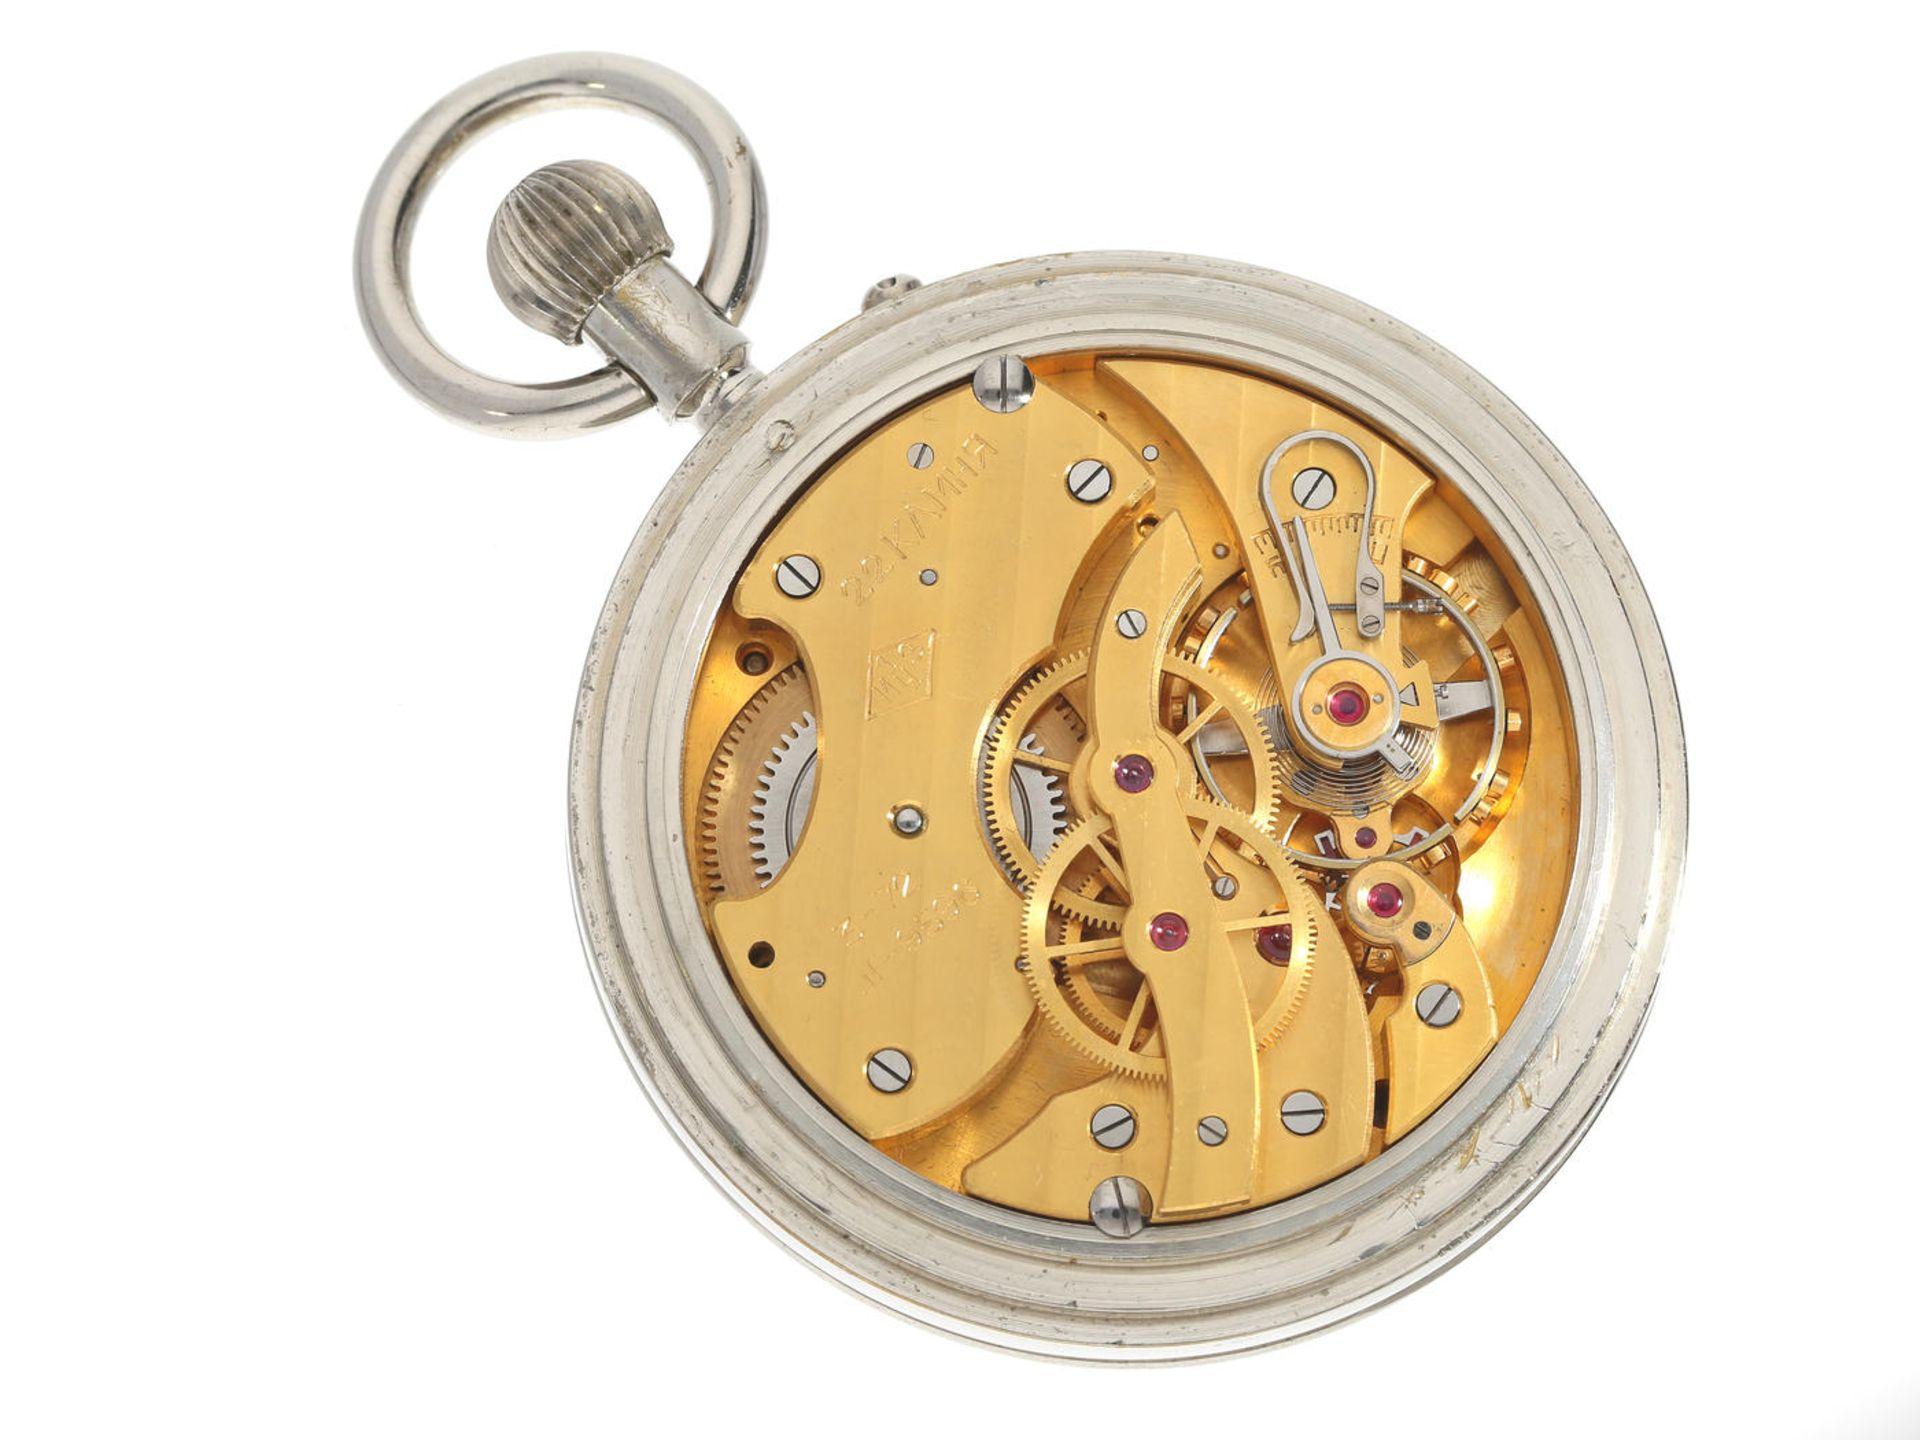 Taschenuhr/Beobachtungsuhr: russisches Beobachtungschronometer in sehr gutem Zustand, 1. Moskauer - Bild 3 aus 3